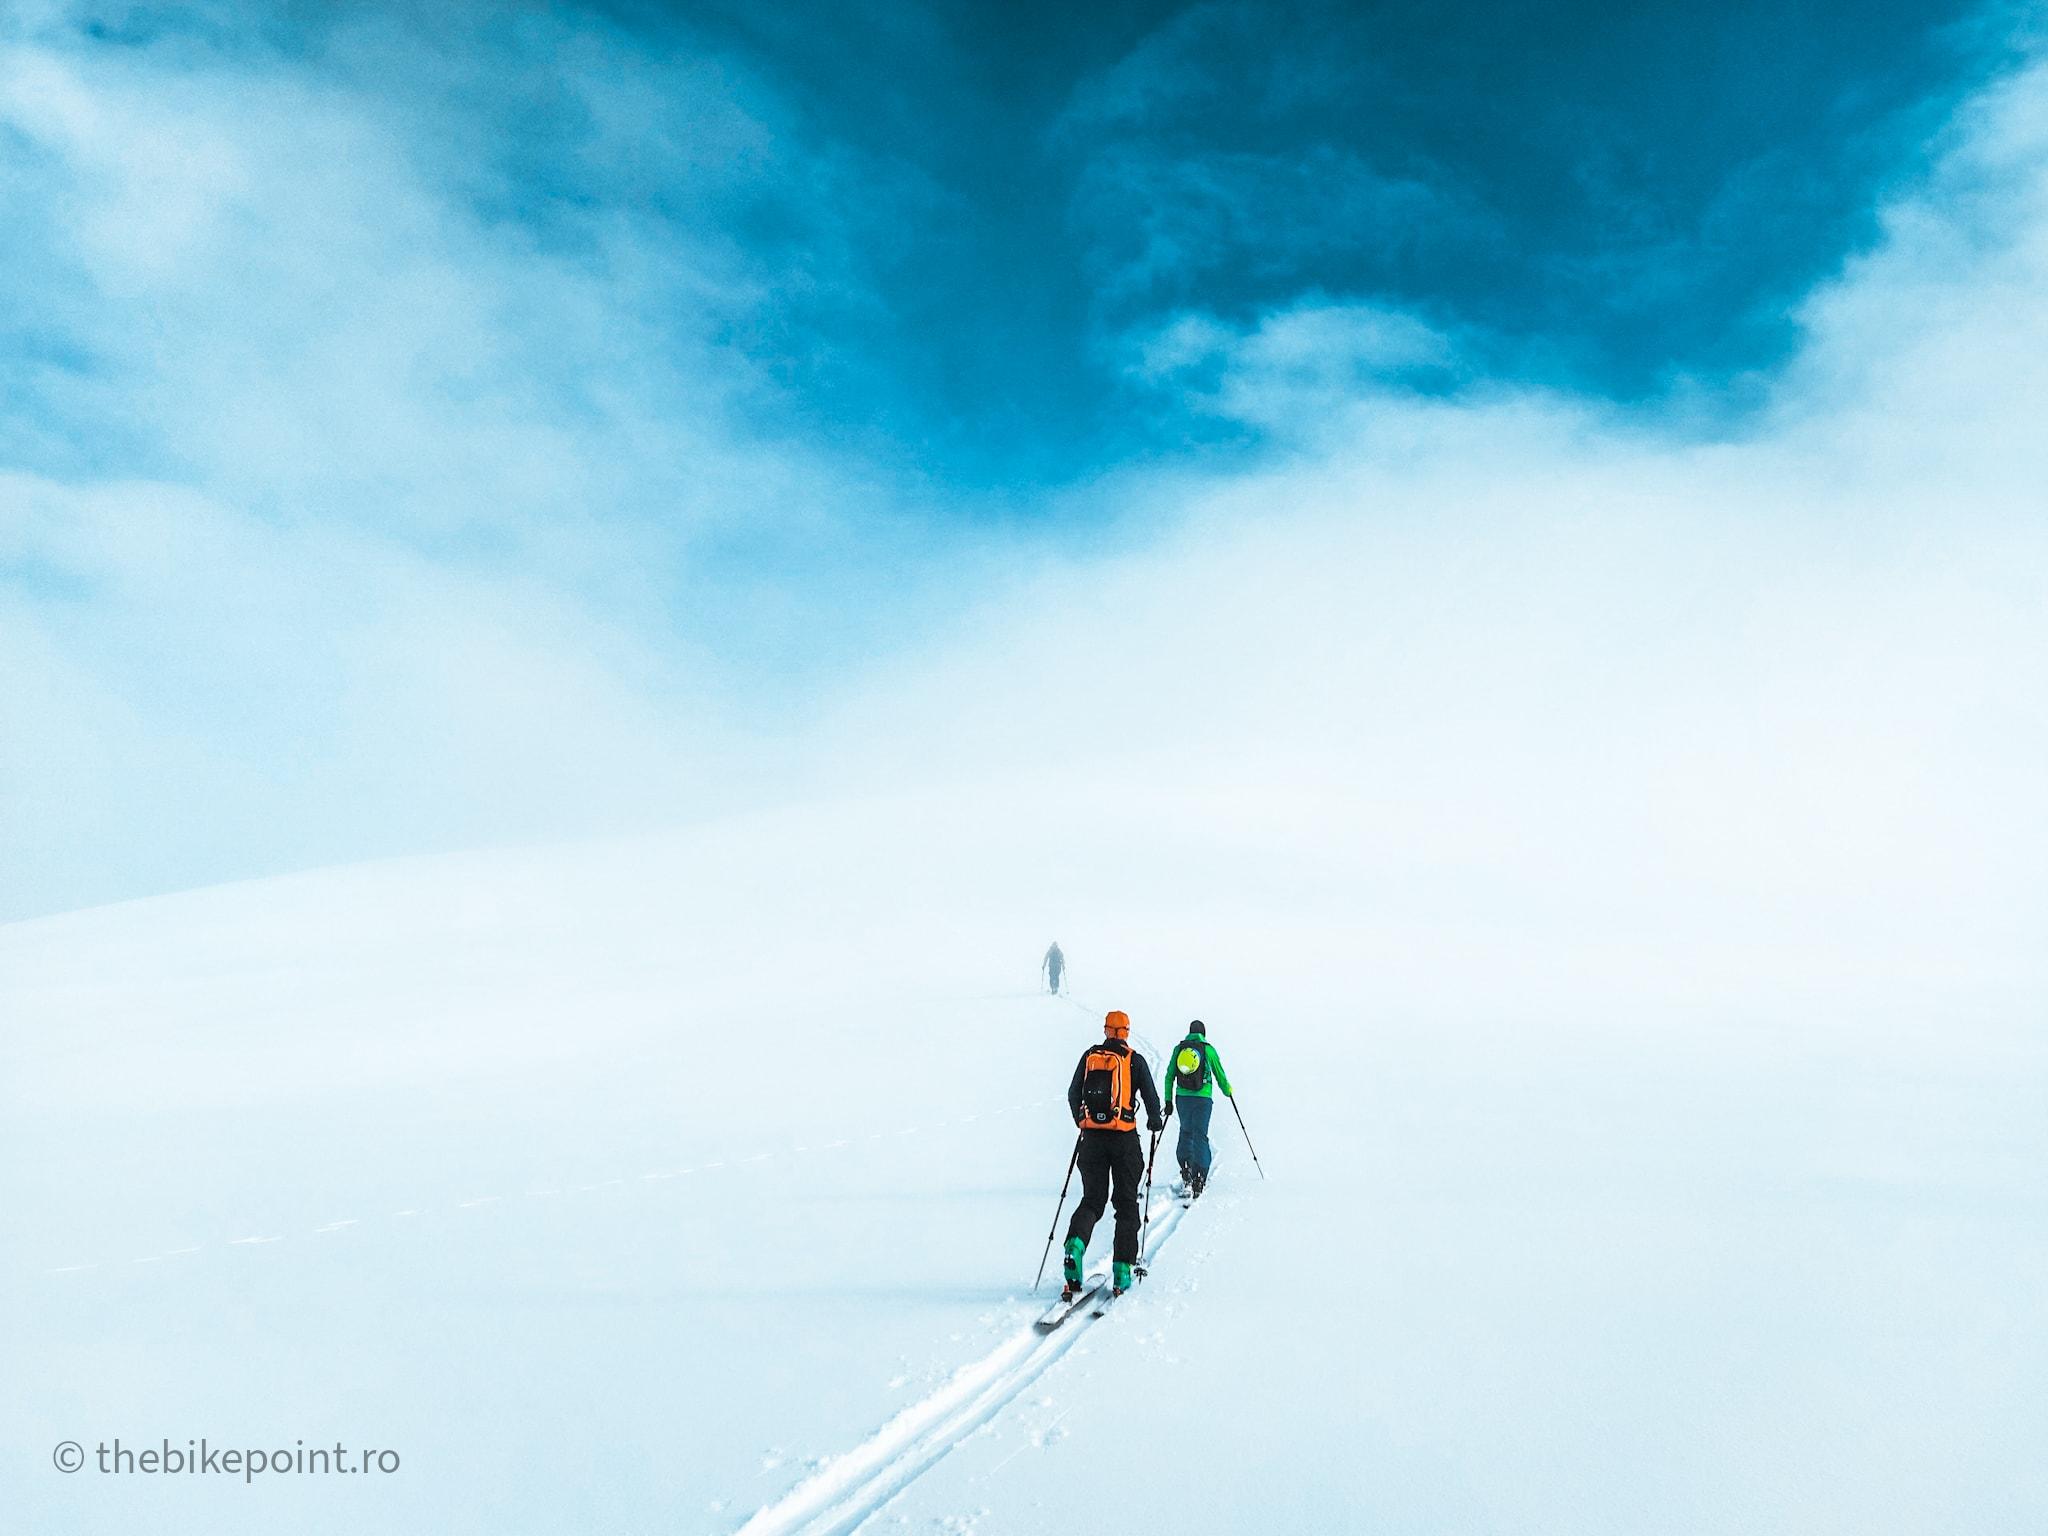 Pierduti in nori, urcand pe foci spre Varful cu Dor